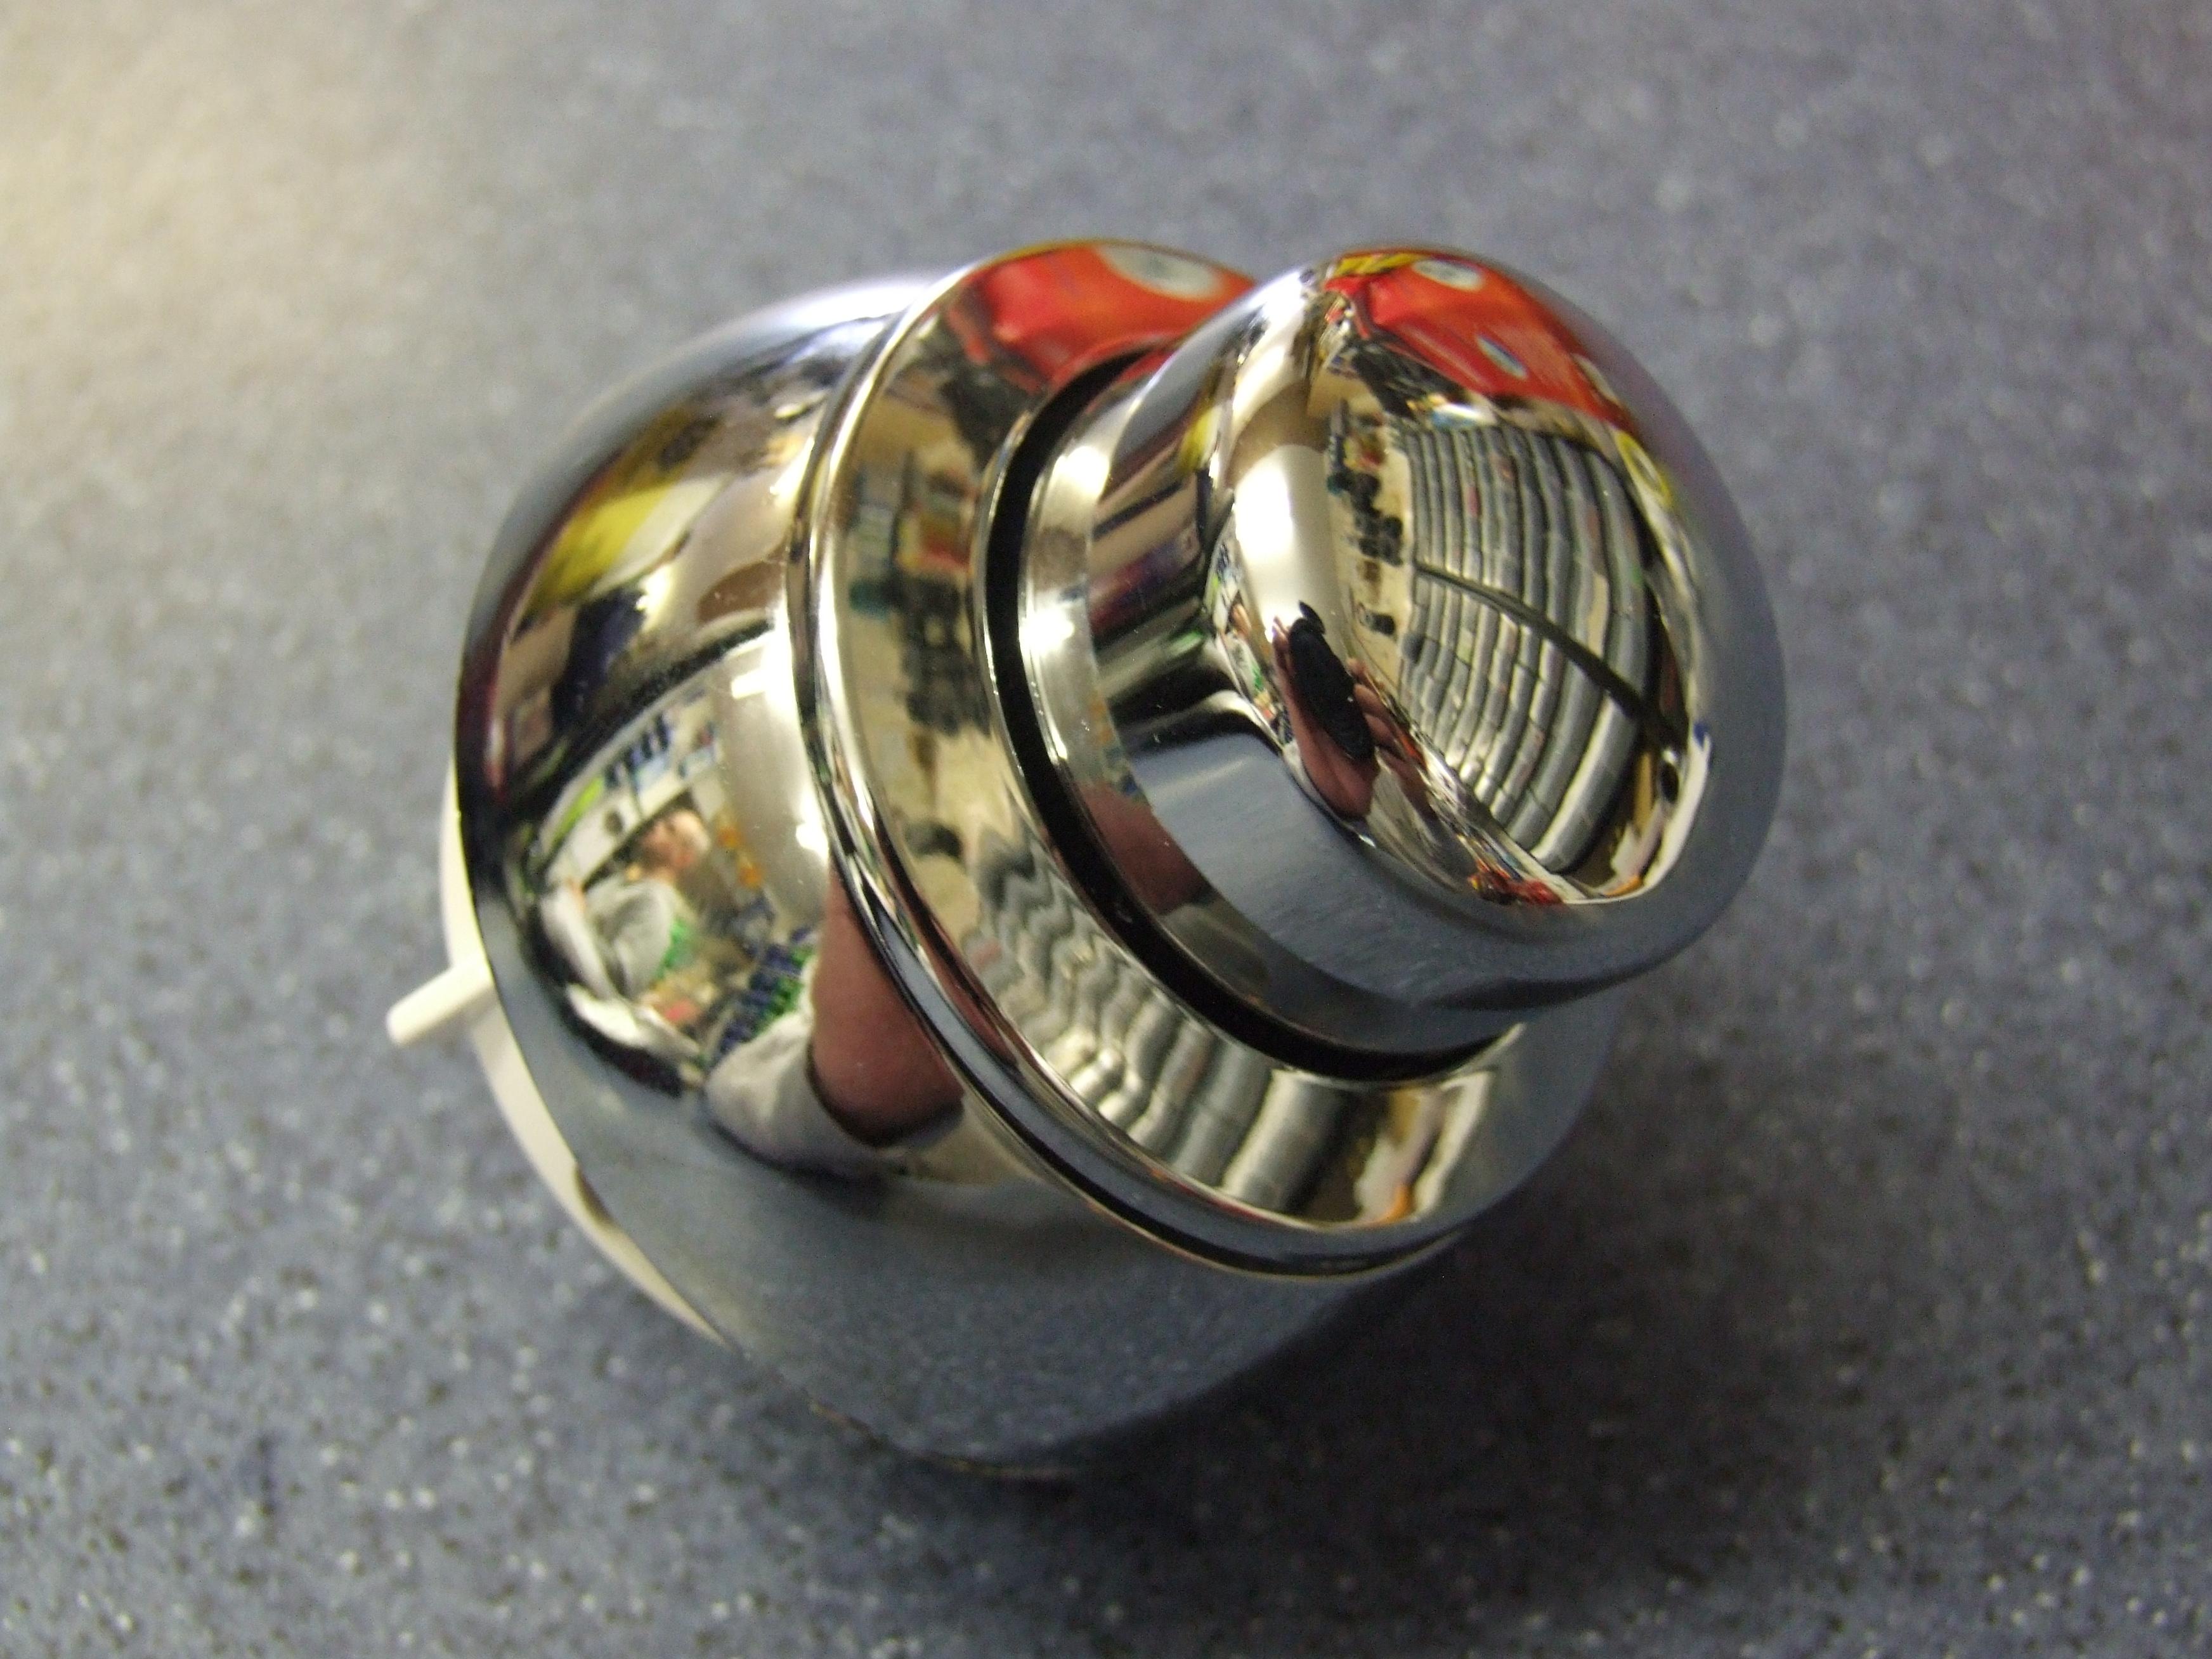 SIAMP OPTIMA 50 RASIED TOILET PUSH BUTTON 34505107 (9).JPG